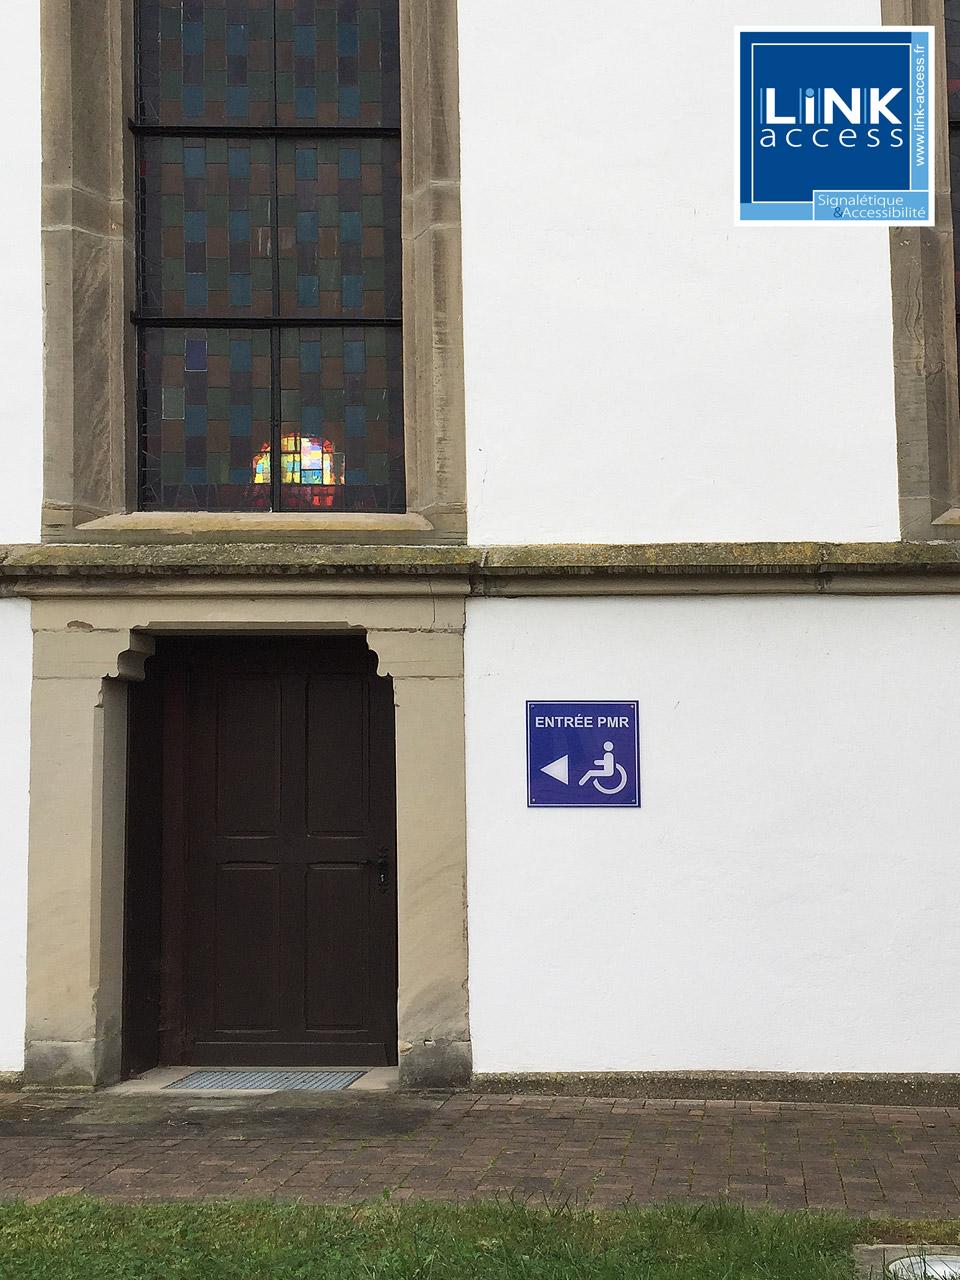 Signalétique directionnelle vers accès pour PMR à Lampertheim.